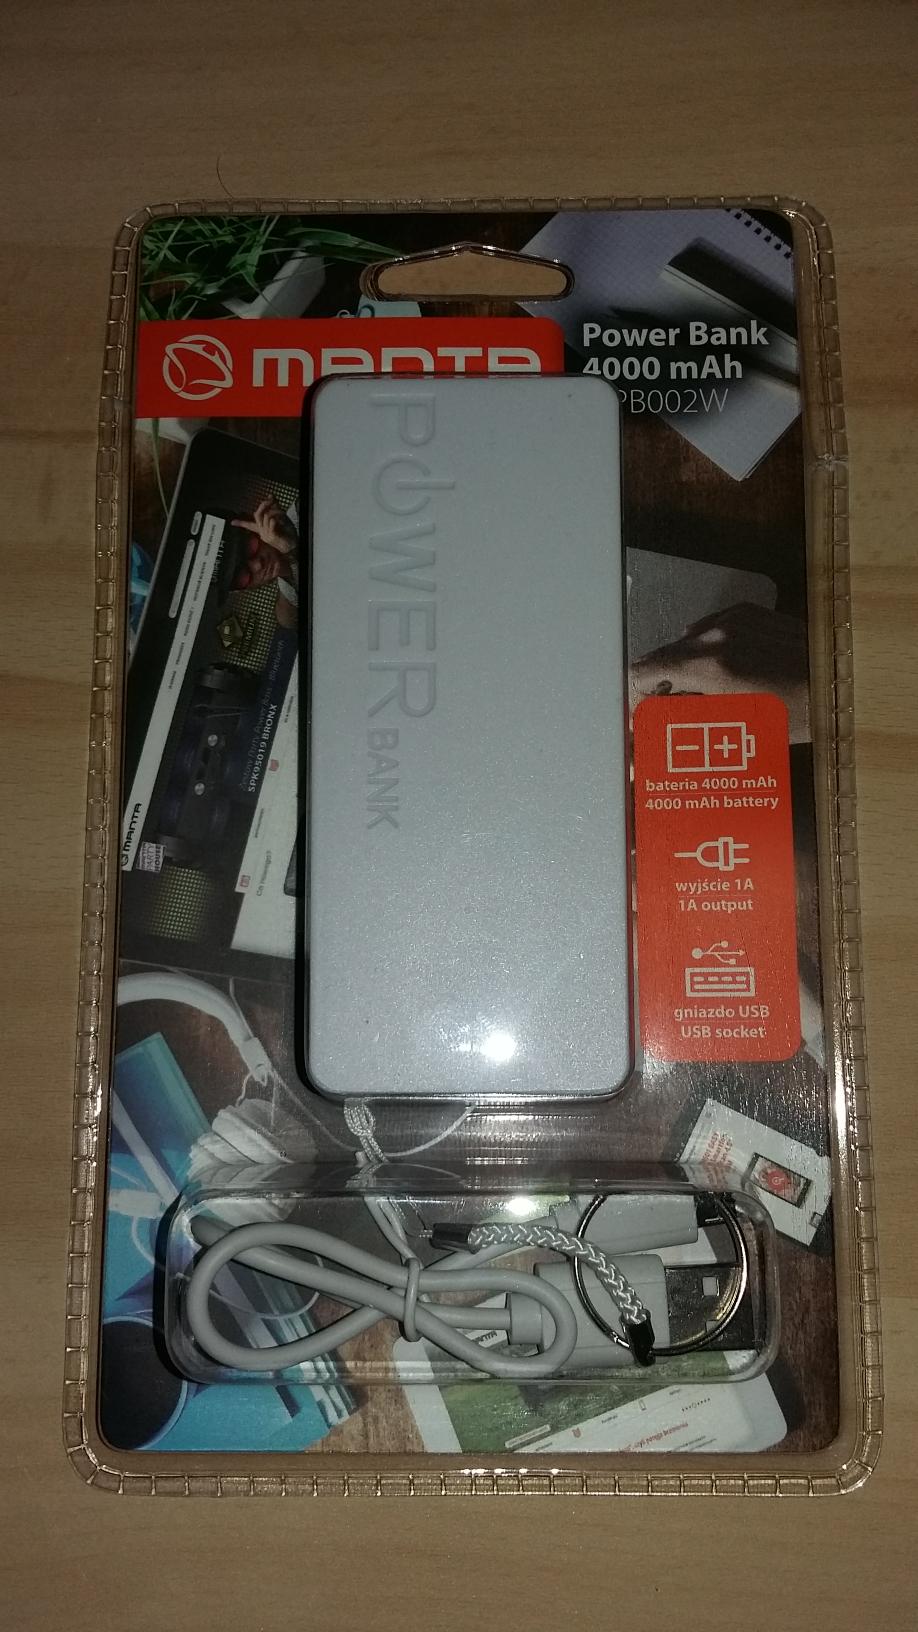 Powerbank Manta MPB002W 4000mAh (Auchan Bytom)